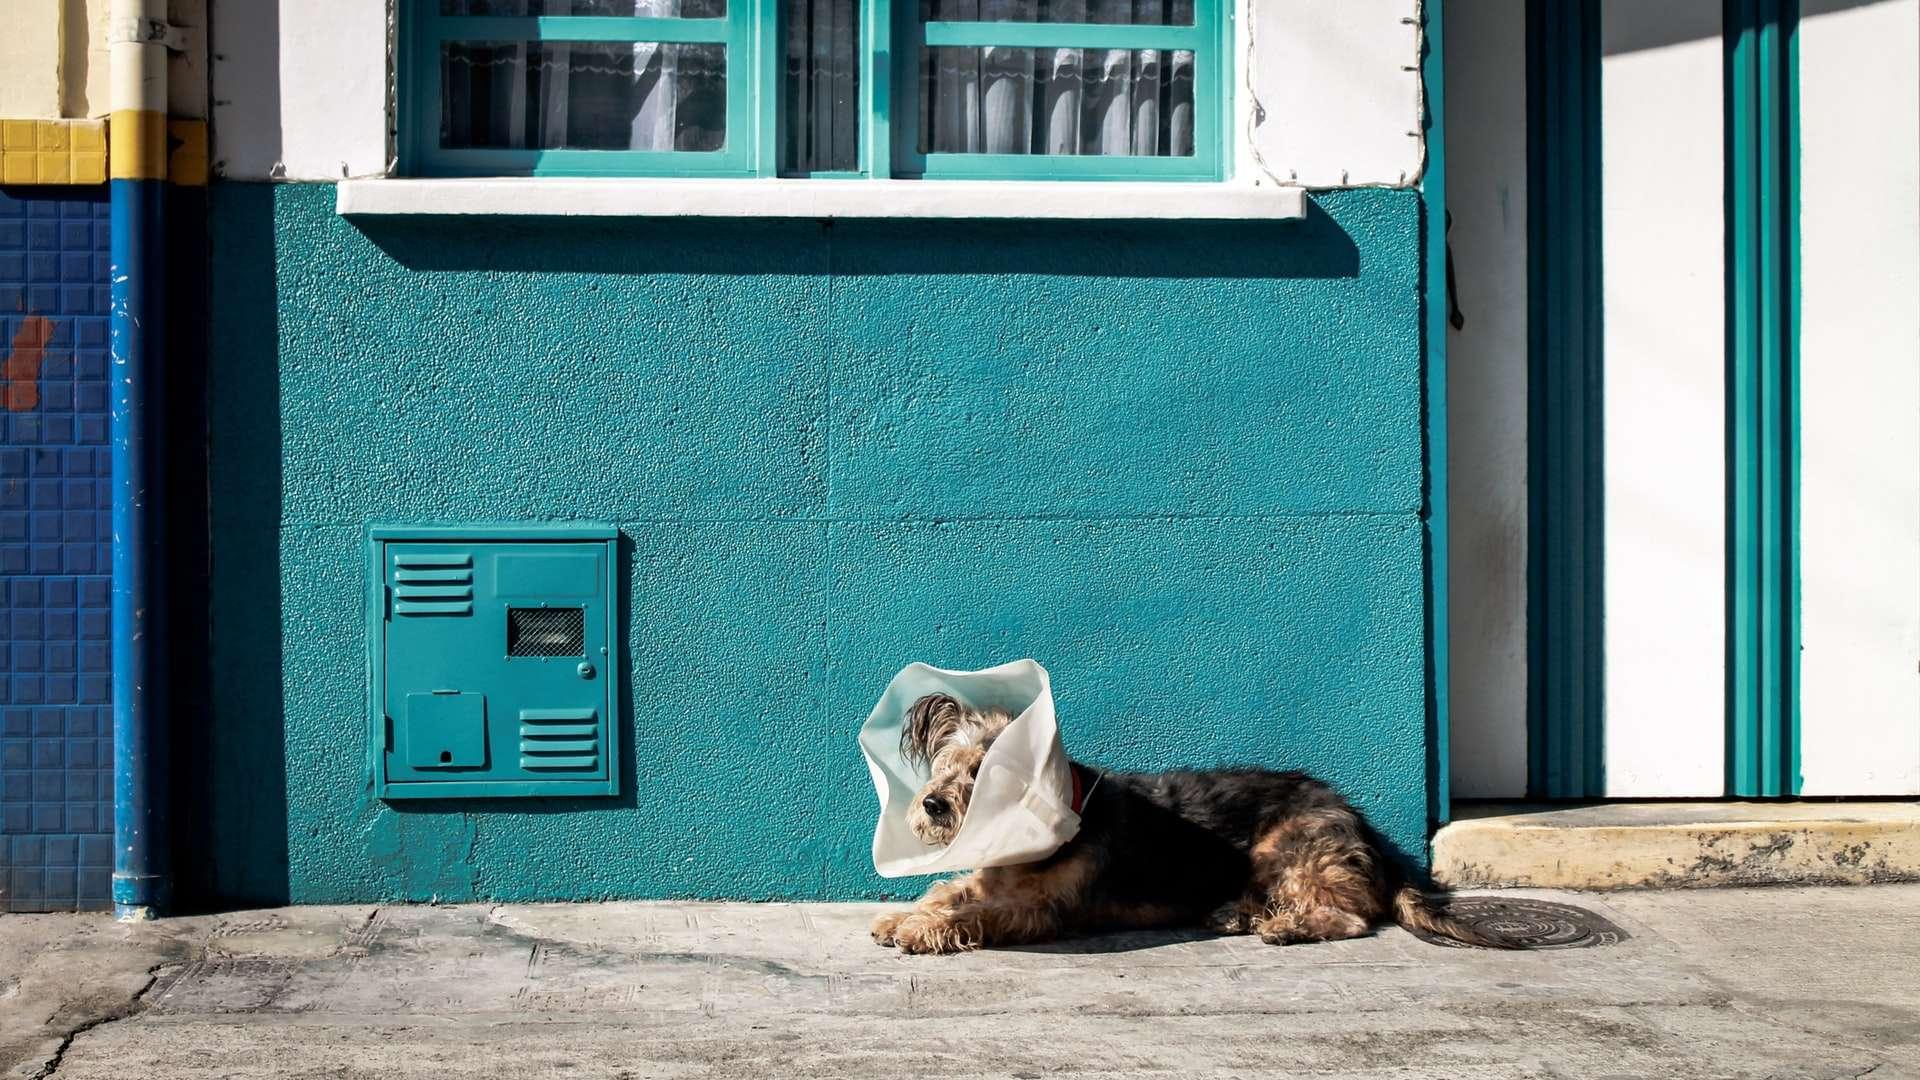 Sokakta Yaralı Hayvan Bulduğumuzda Ne Yapmalıyız?